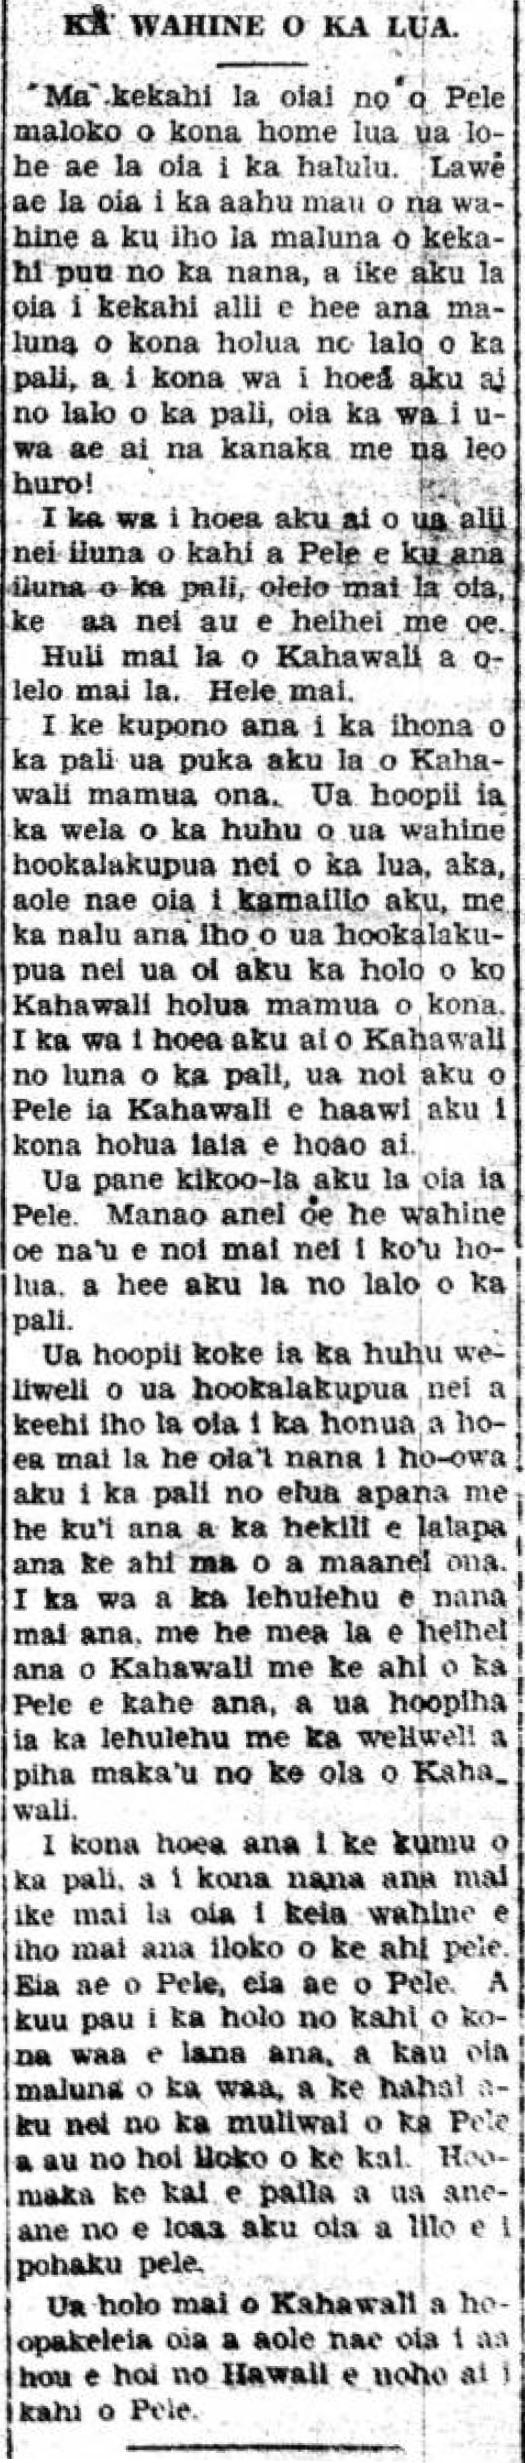 AlakaioHawaii_1_16_1930_3.png